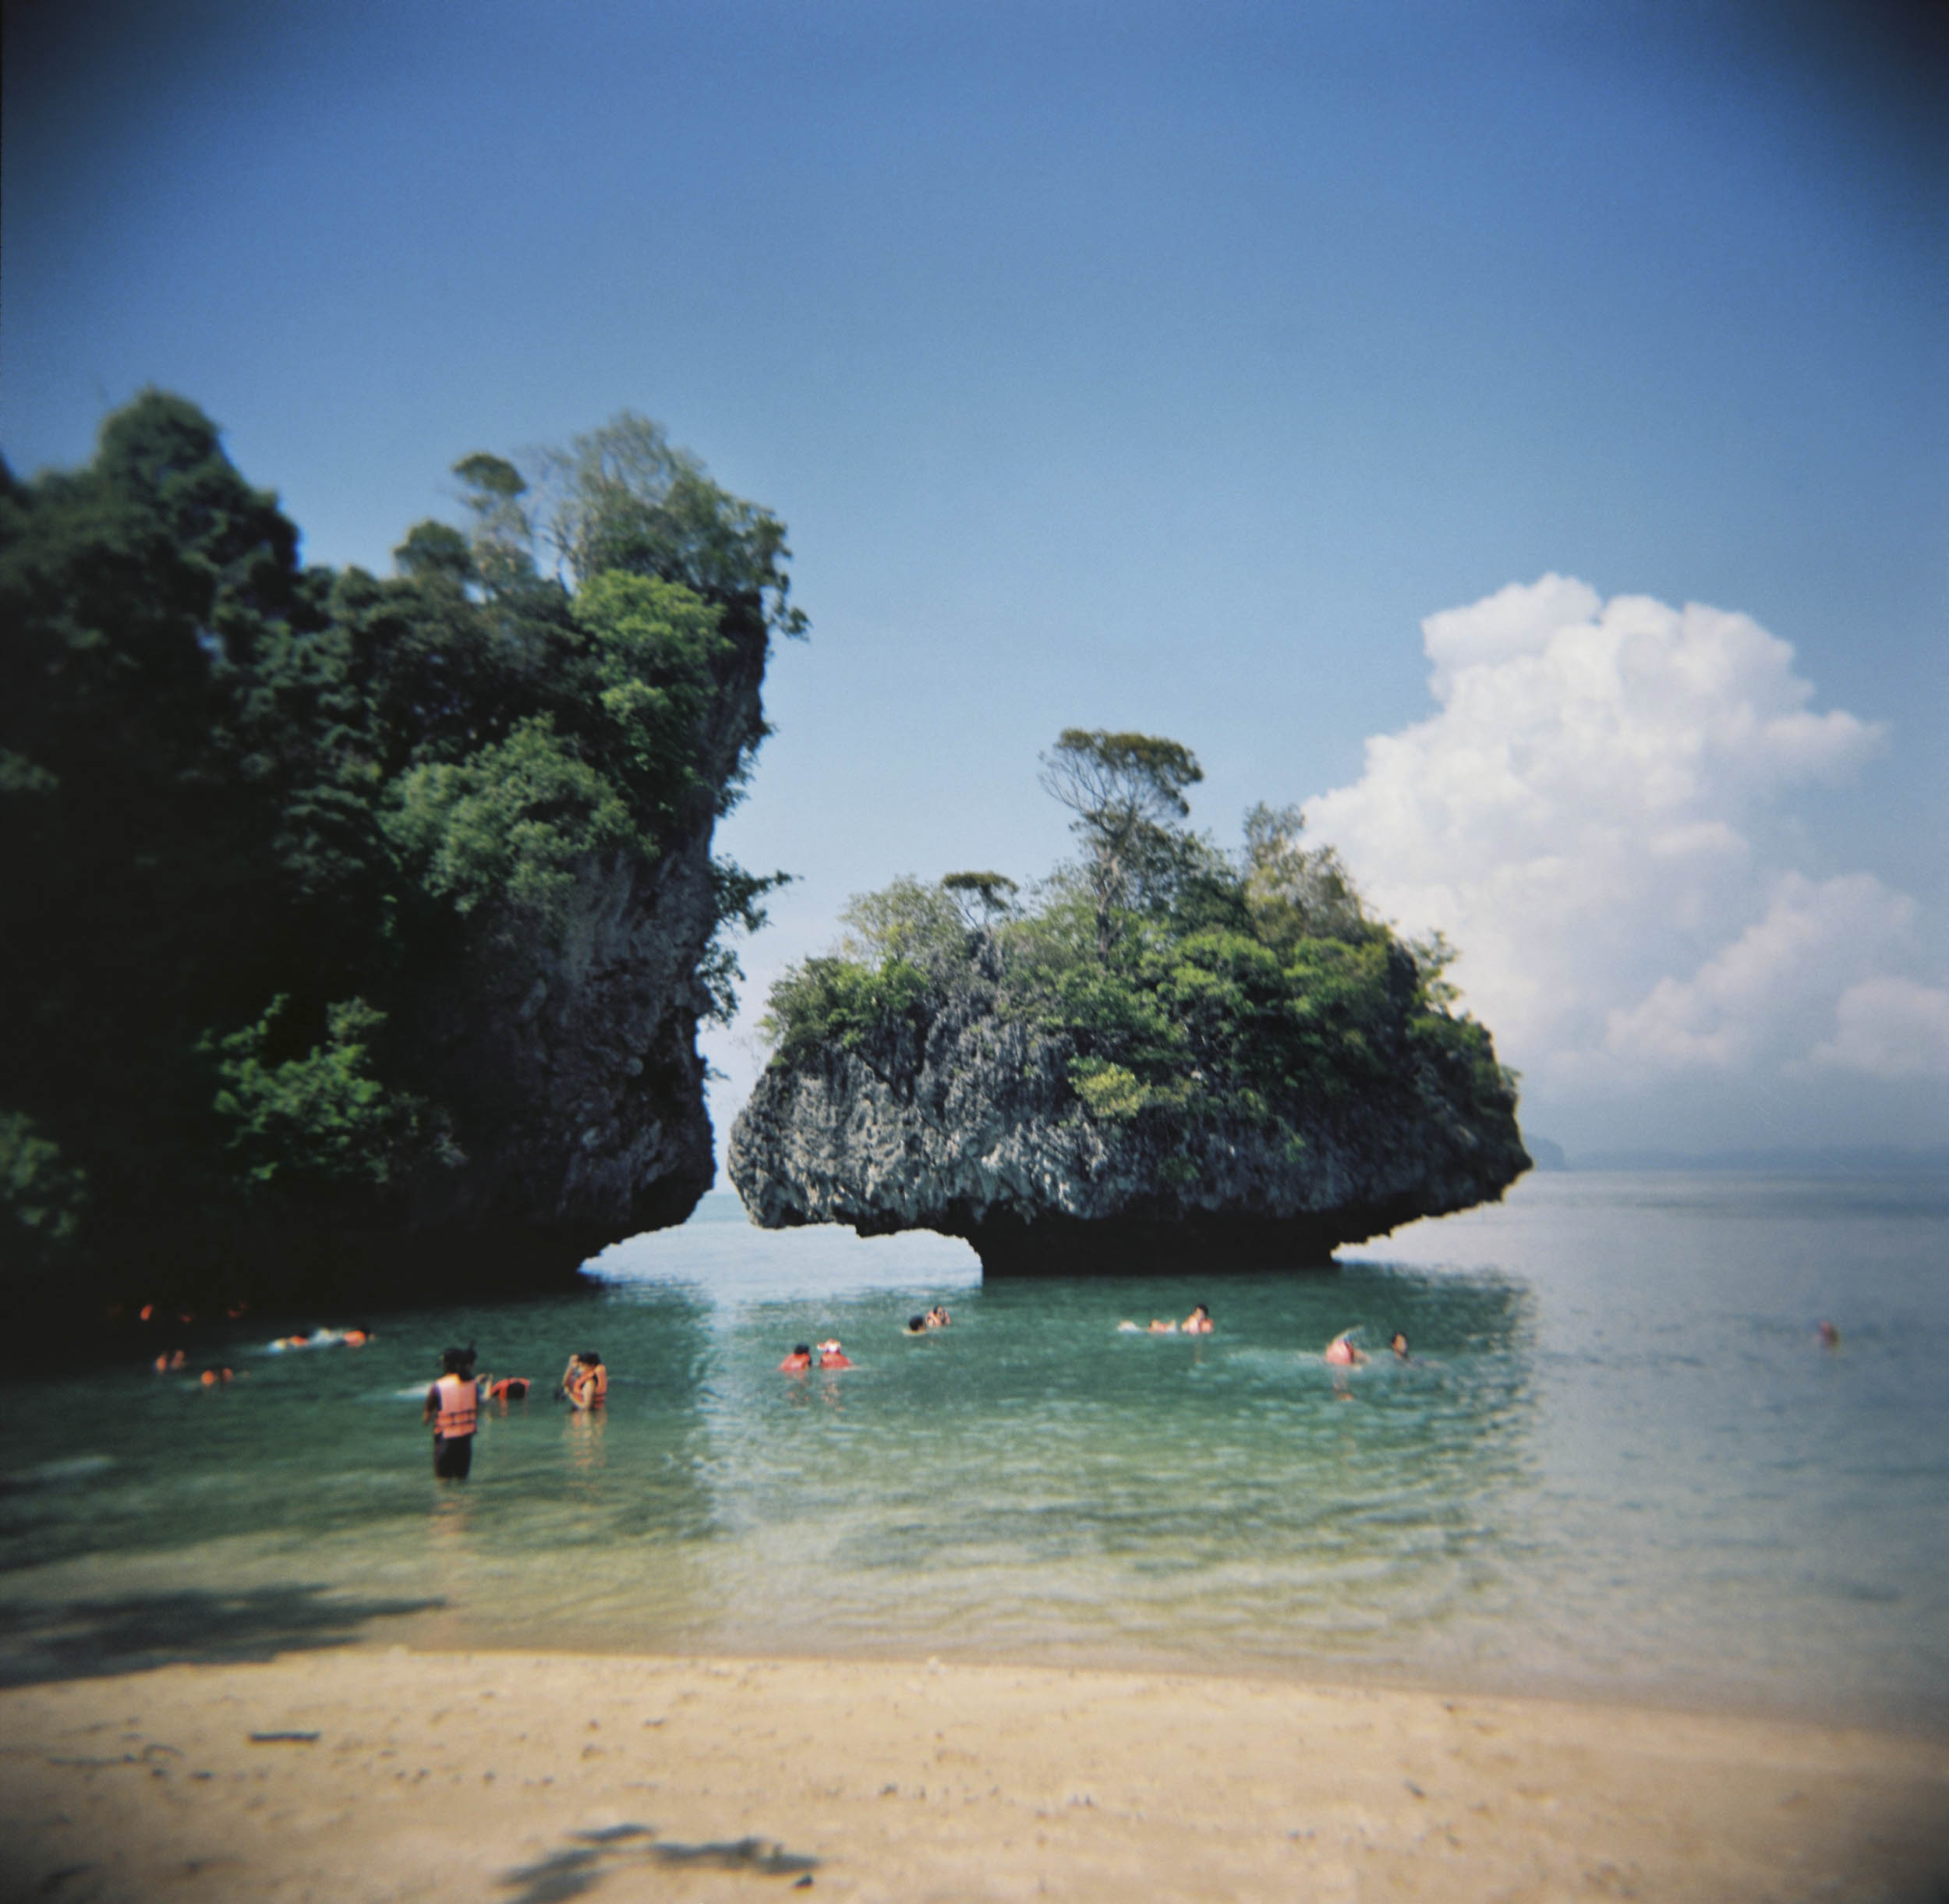 VolaVisuals Krabi Thailand - 008.jpg